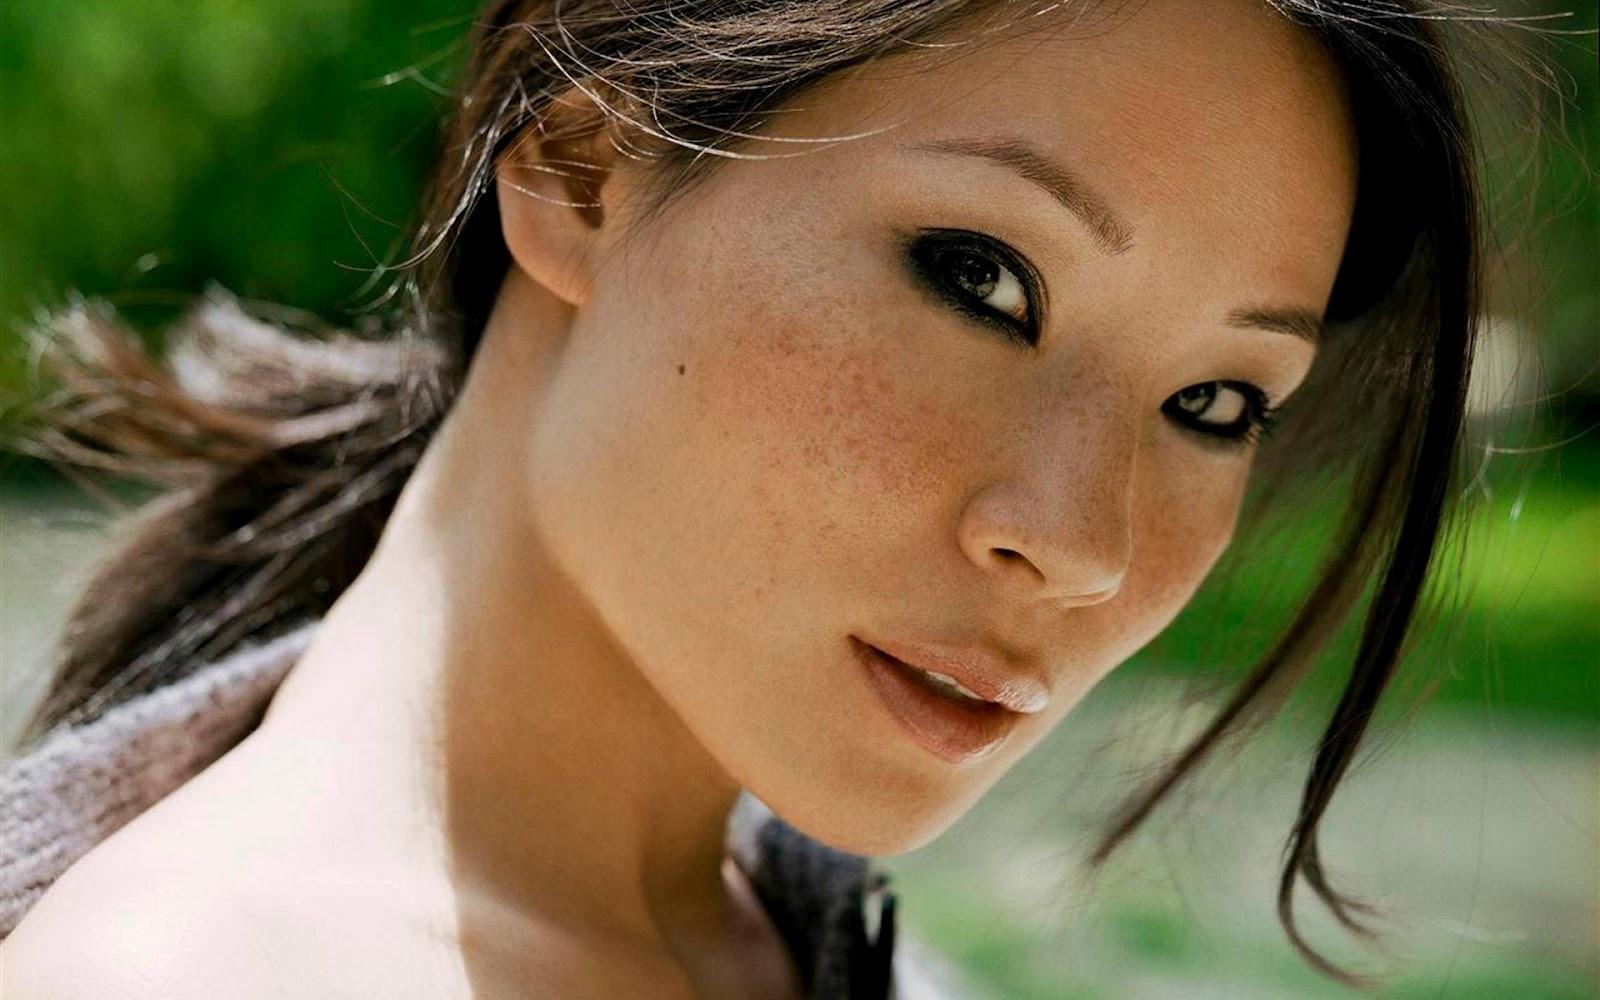 http://2.bp.blogspot.com/-e-EVA4Cv380/UAY9fCa82ZI/AAAAAAAAAUI/KX0MIHzvoW4/s1600/Lucy-Liu-Wallpaper-2.jpg